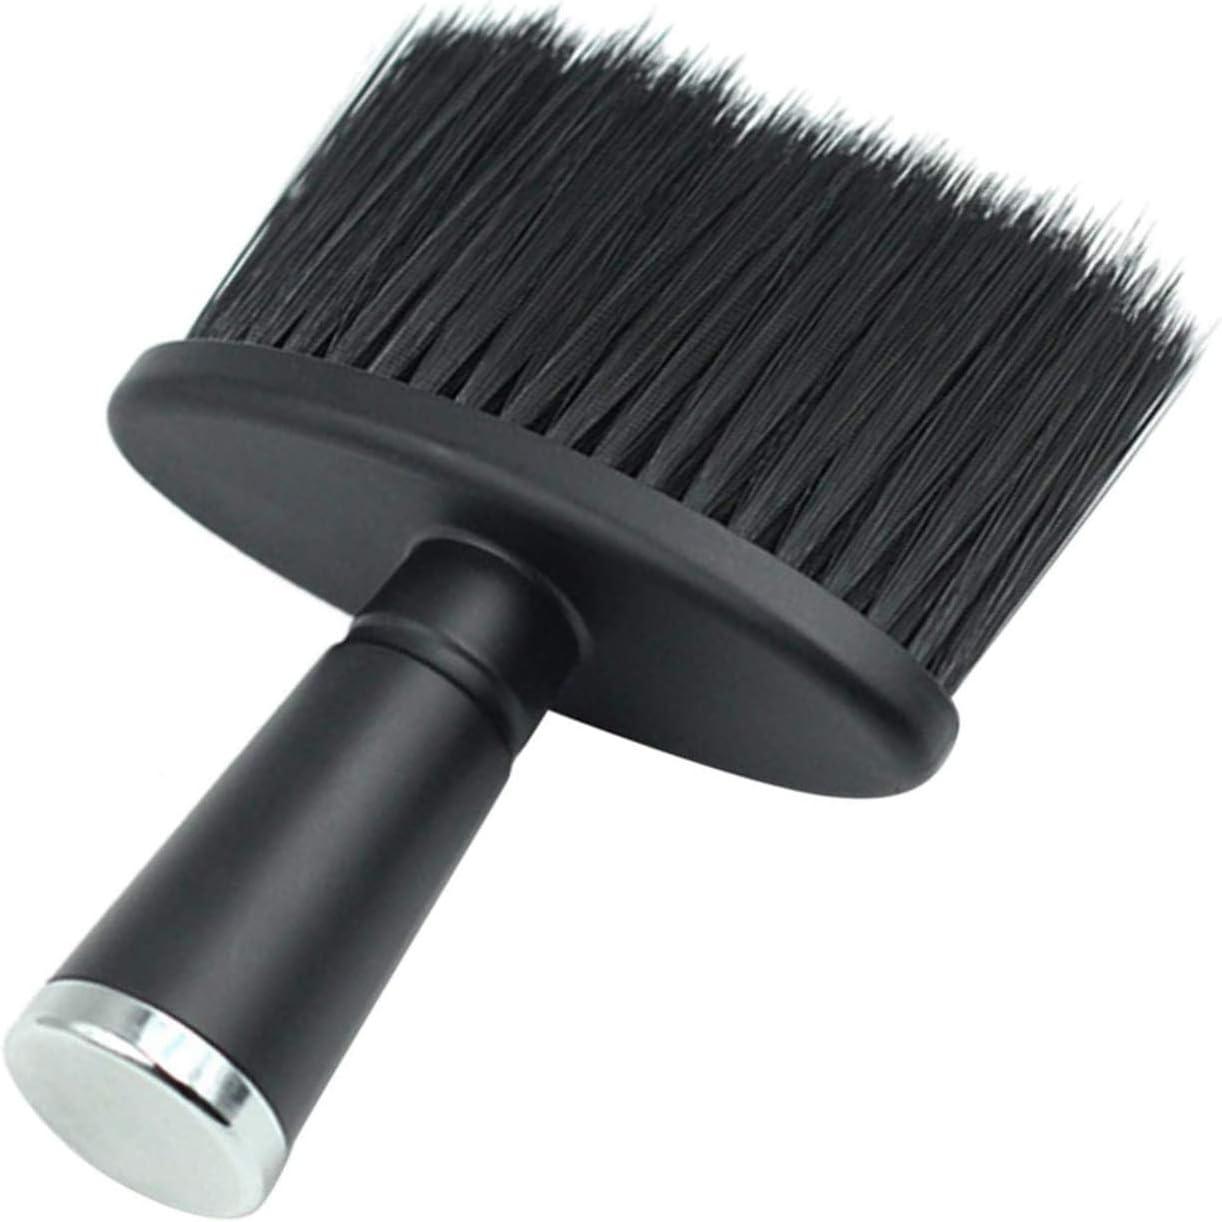 Cepillo de Mango para el Cuello Peluquerías Cepillo Barbero Profesional Suave Pelo Cepillo para Peluquería Tacto Suave Cepillo de Cuello Negro Cepillo para Corte de Cabello,peluquería de Salón (negro)